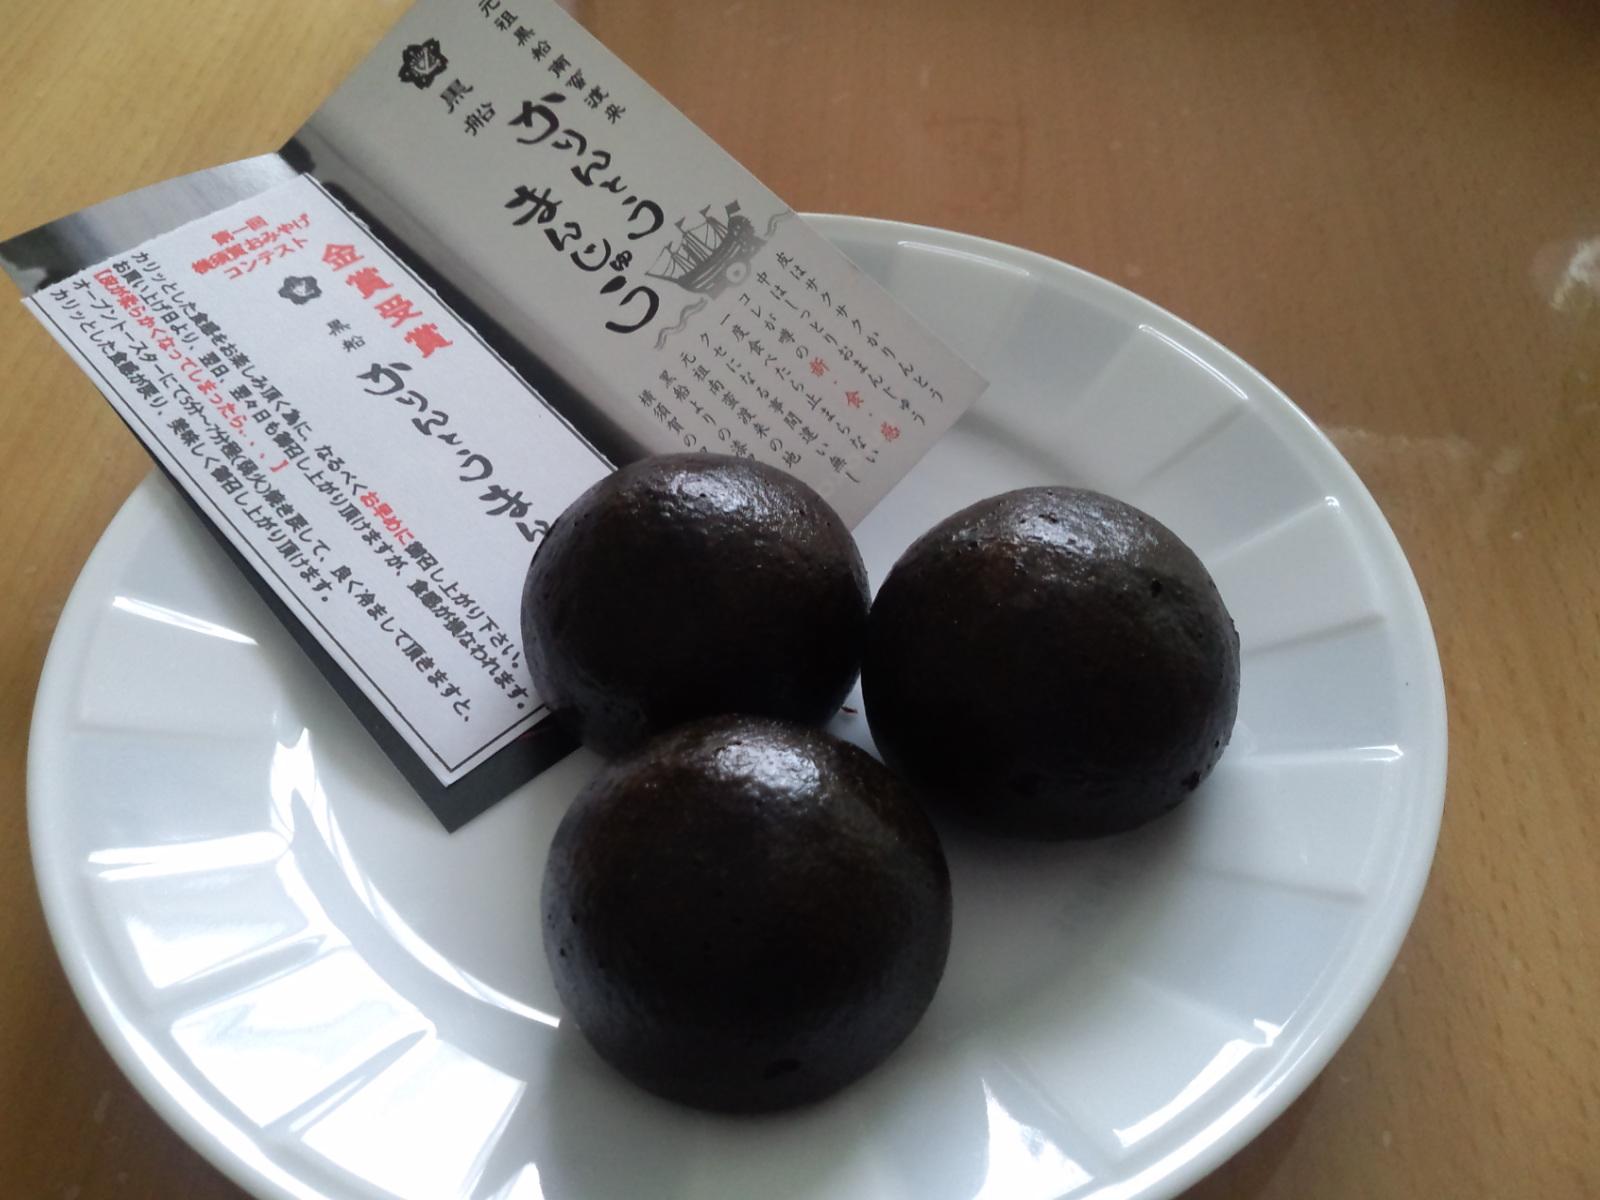 和菓子司 いづみや 衣笠本店